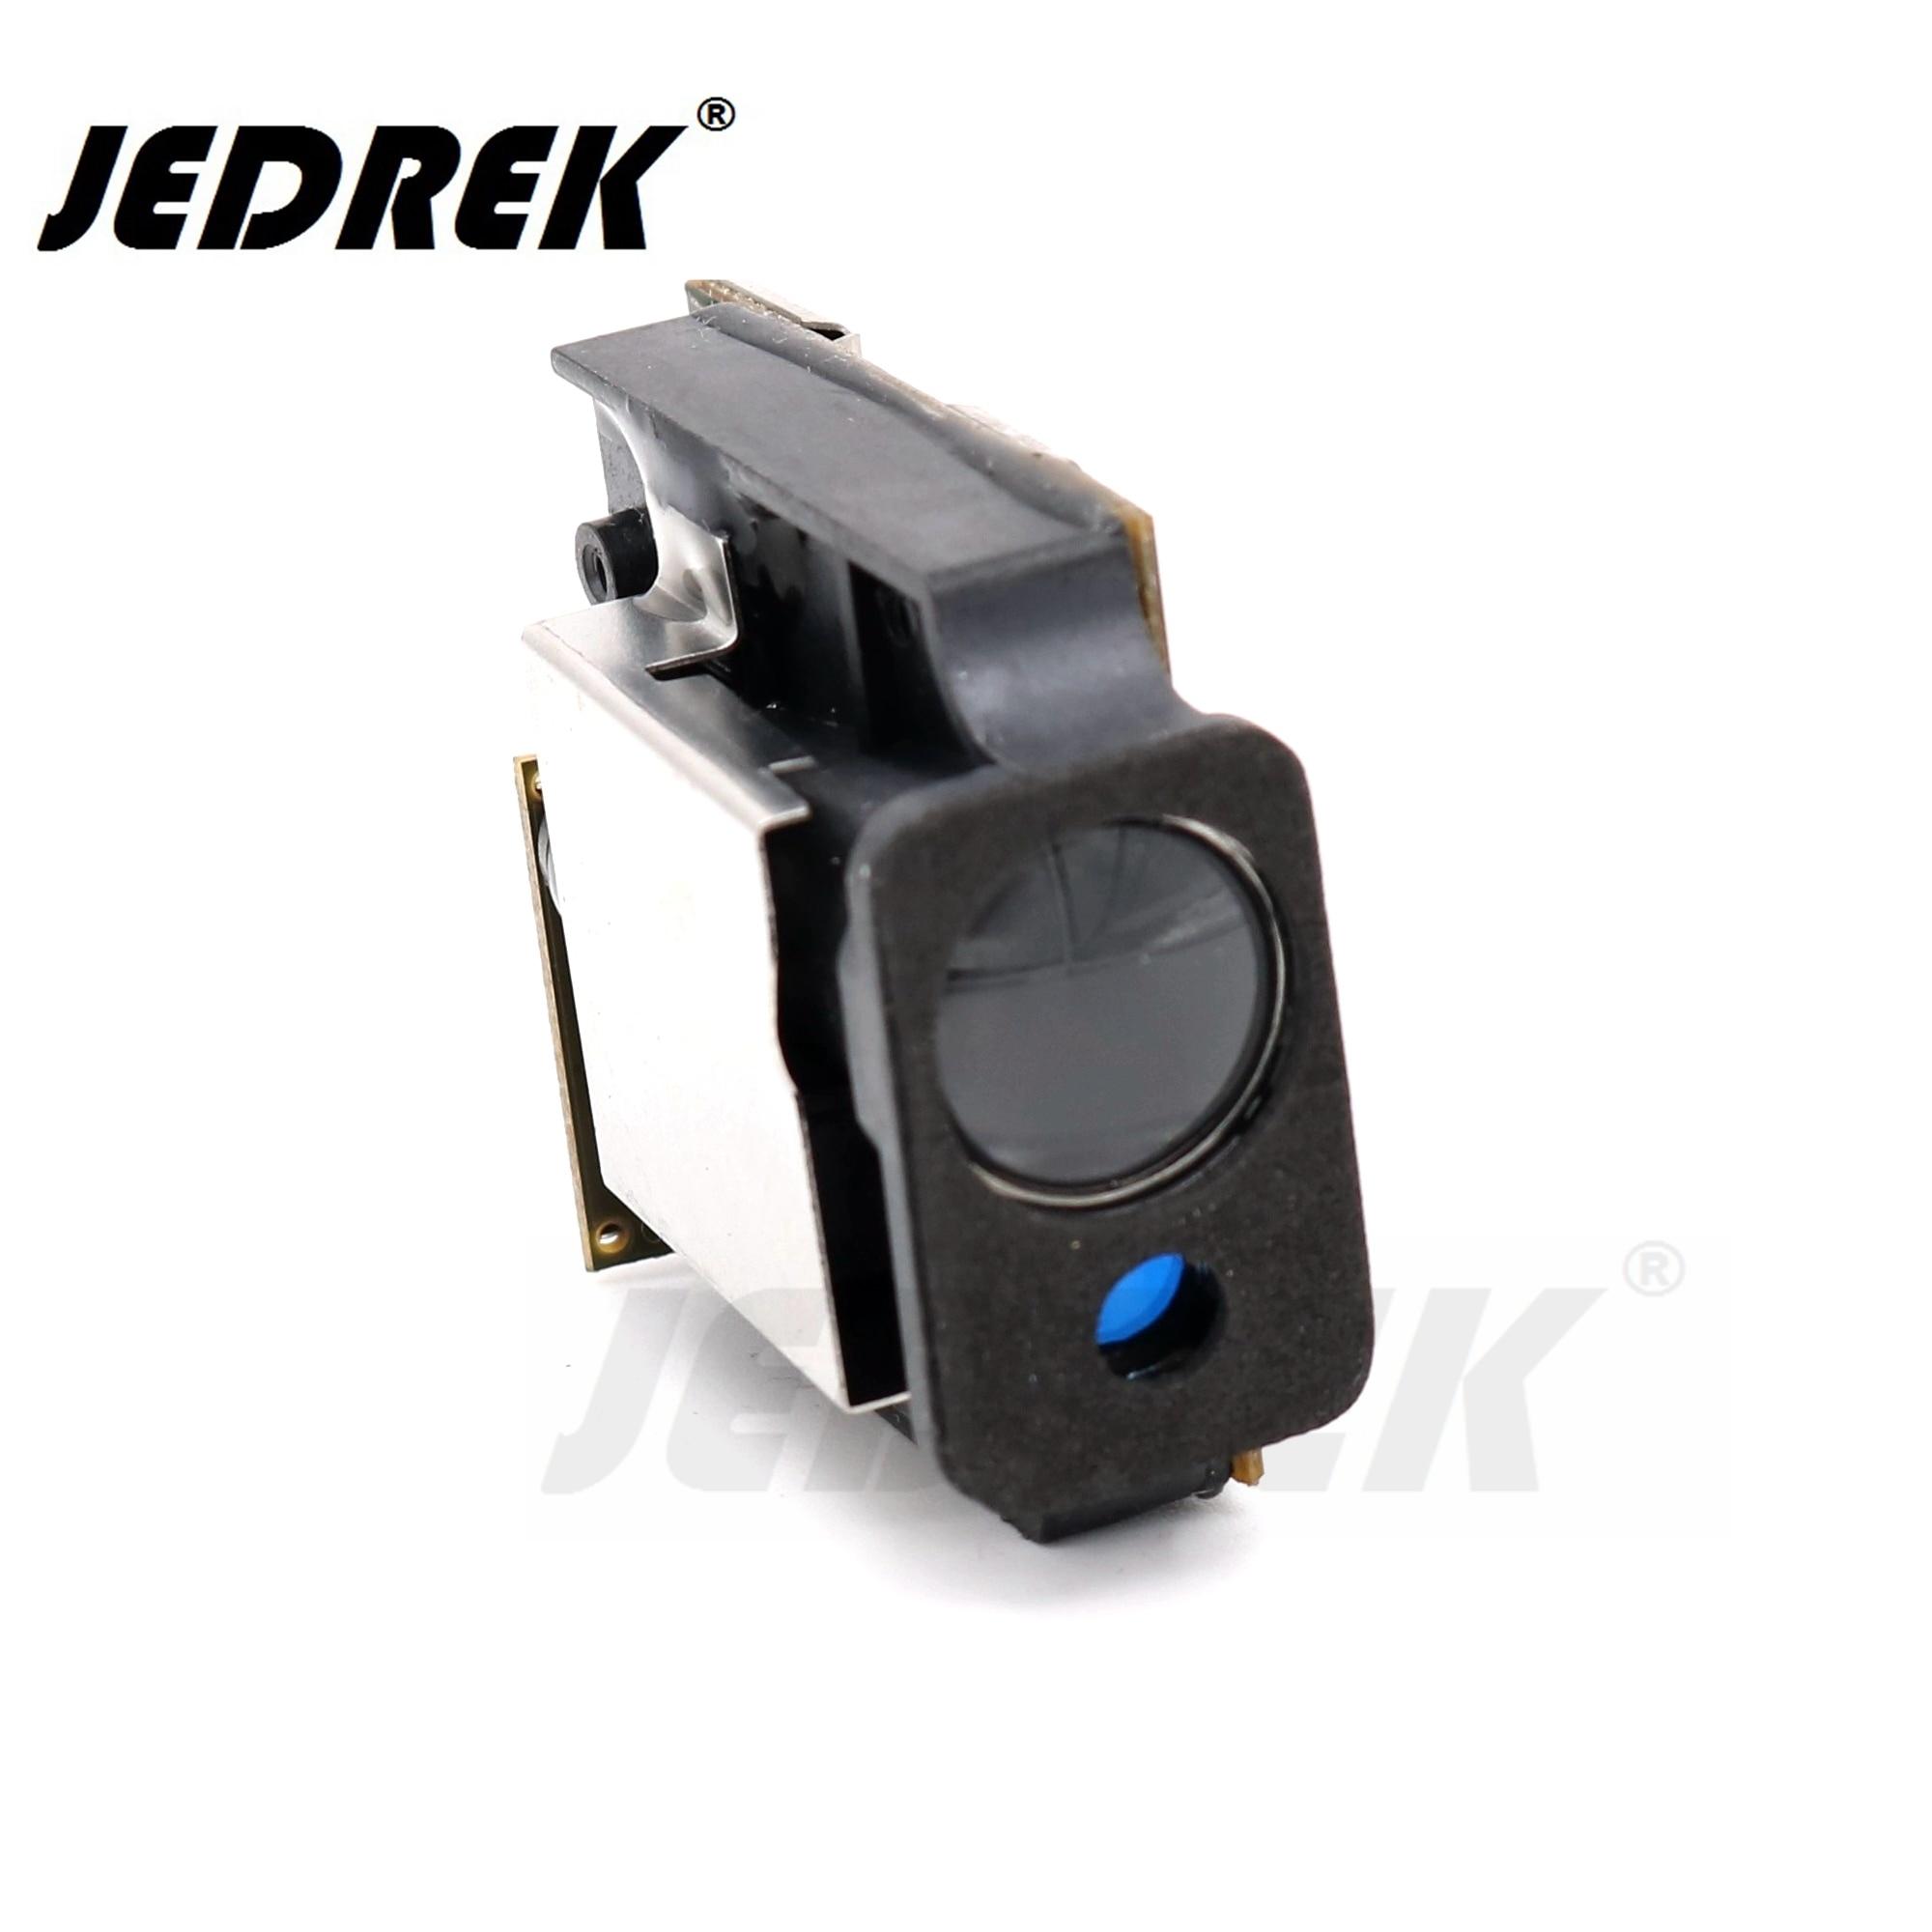 80 m 20Hz Industriale Sensore Laser Range finder Distanza Modulo di Misurazione TTL Interfaccia Ardunio80 m 20Hz Industriale Sensore Laser Range finder Distanza Modulo di Misurazione TTL Interfaccia Ardunio